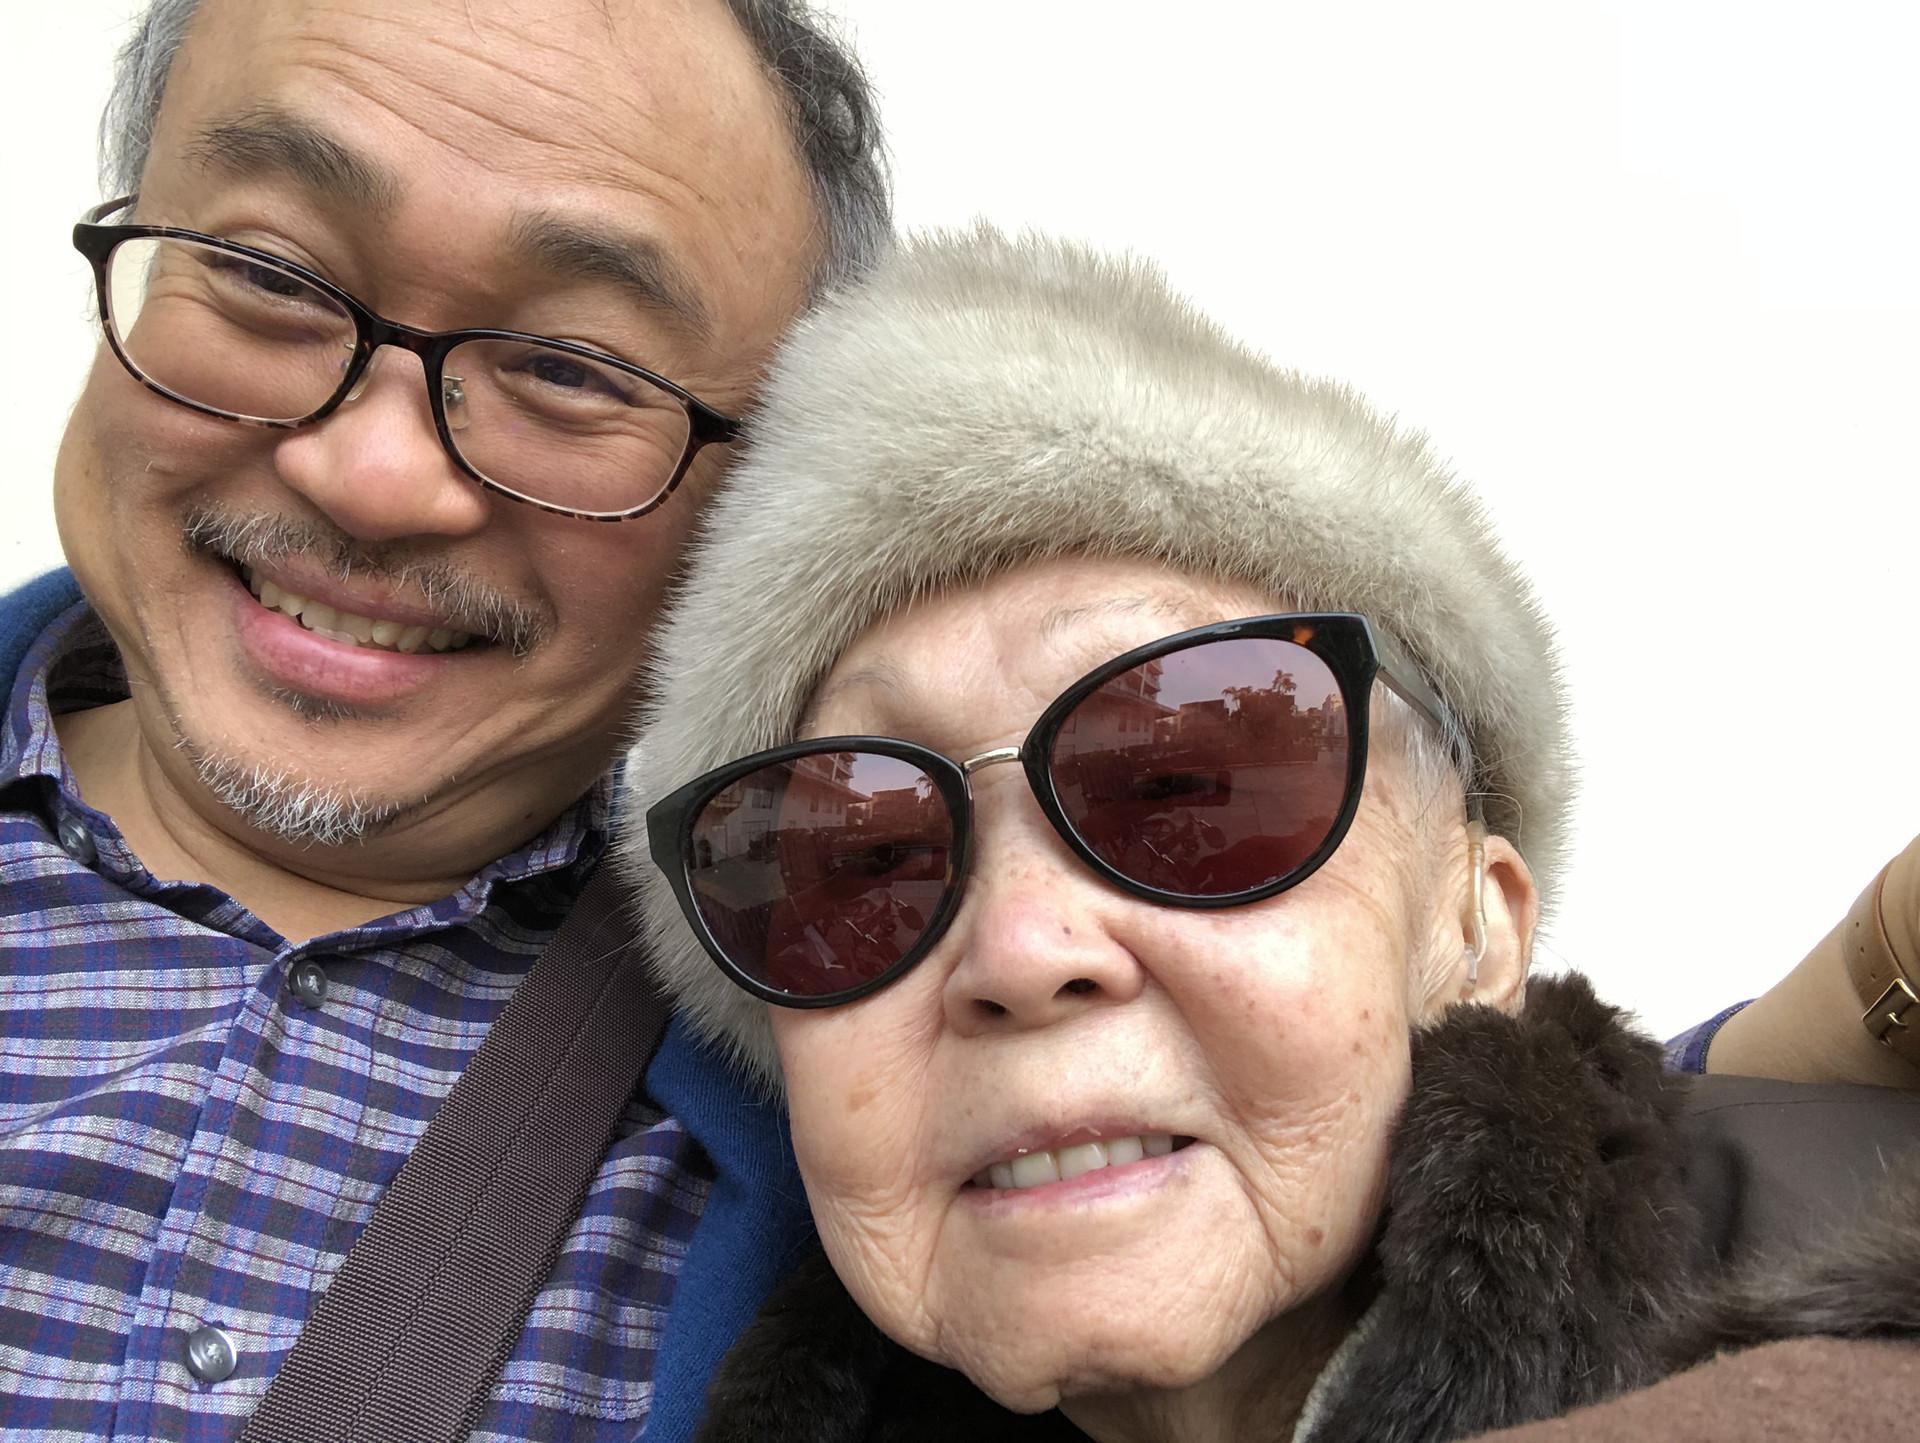 Nghệ sĩ Đặng Thái Sơn: Tôi không cần đàn bà, không cần đàn ông, chỉ cần cây đàn - Ảnh 4.